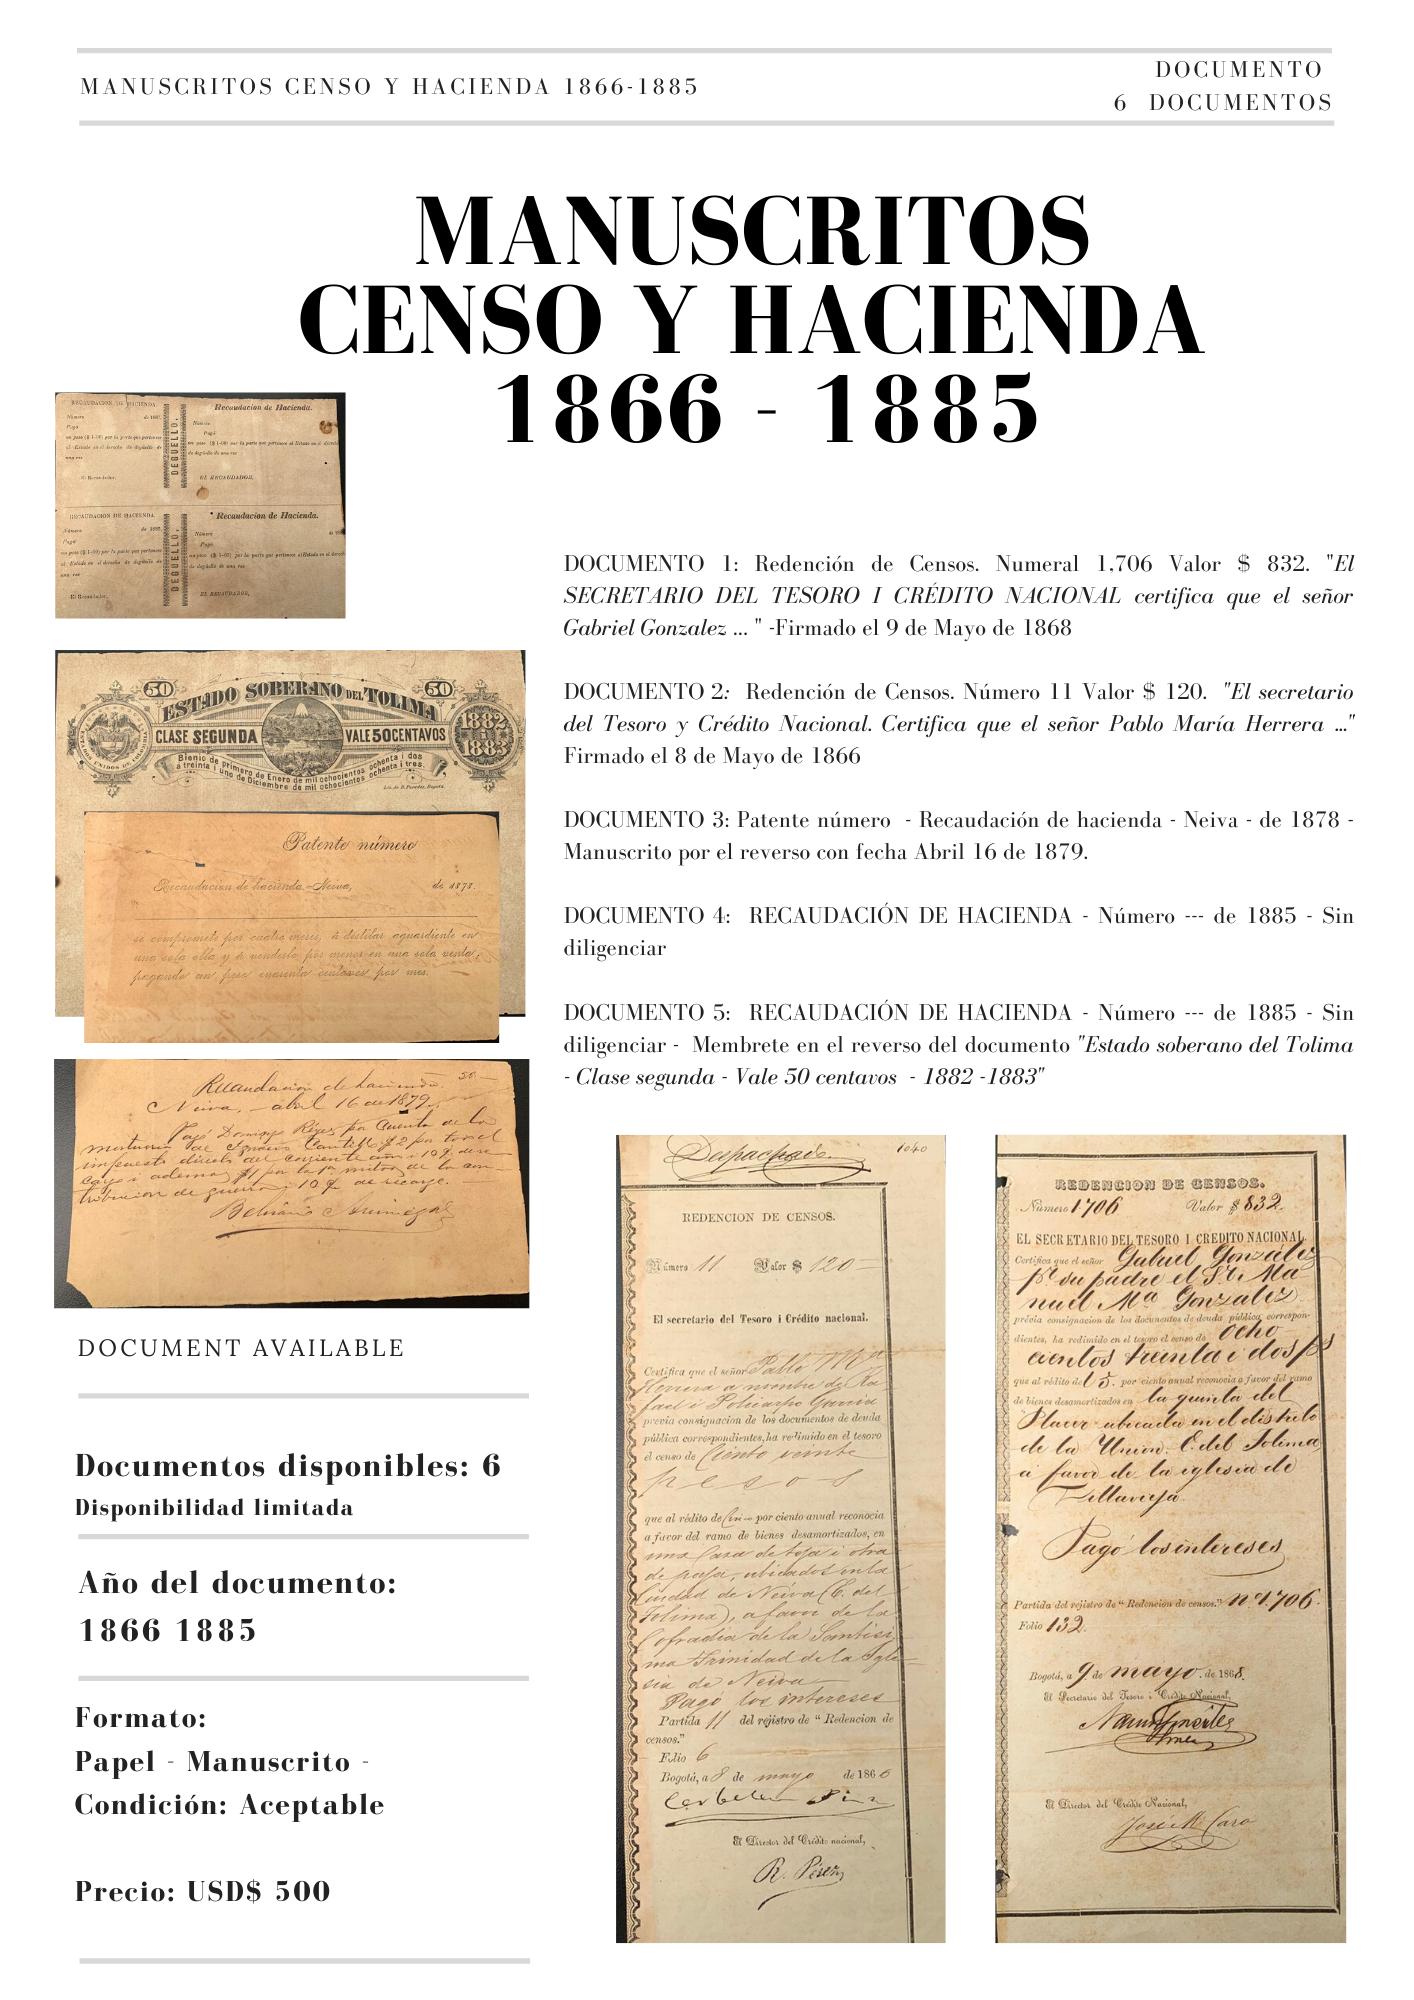 CENSO Y HACIENDA